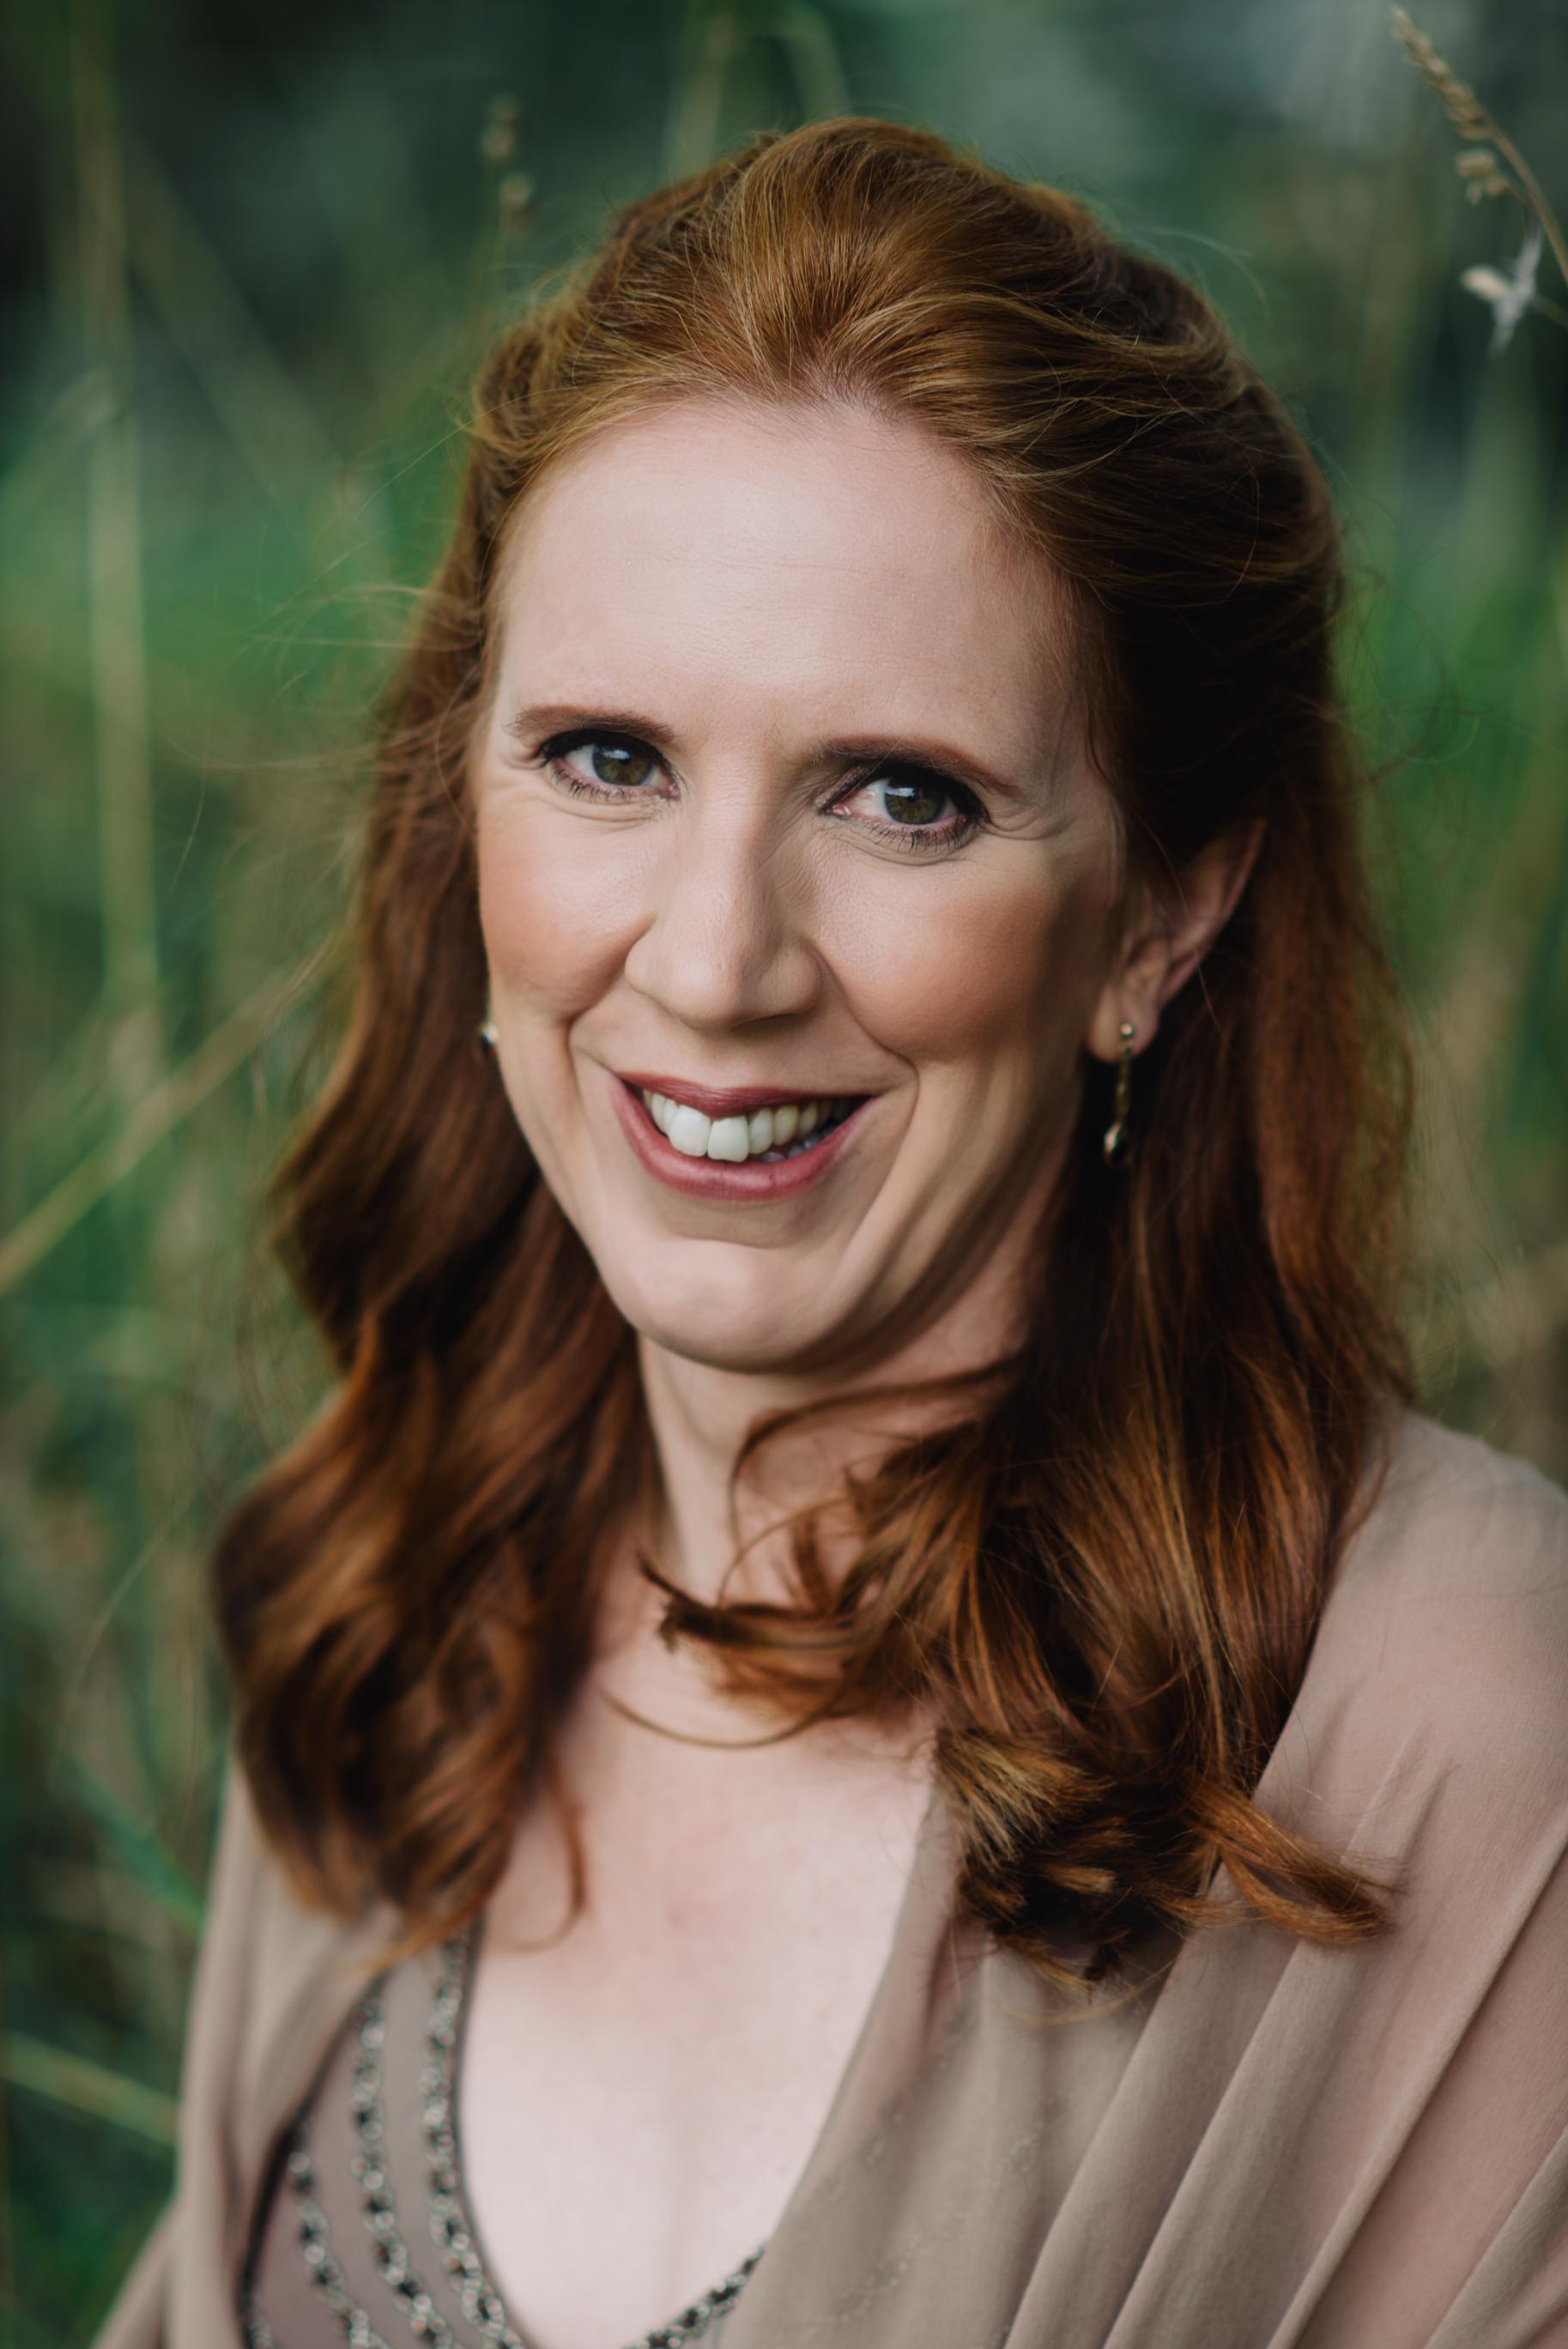 Sarah Beth Briggs, photo: Carolyn Mendelsohn